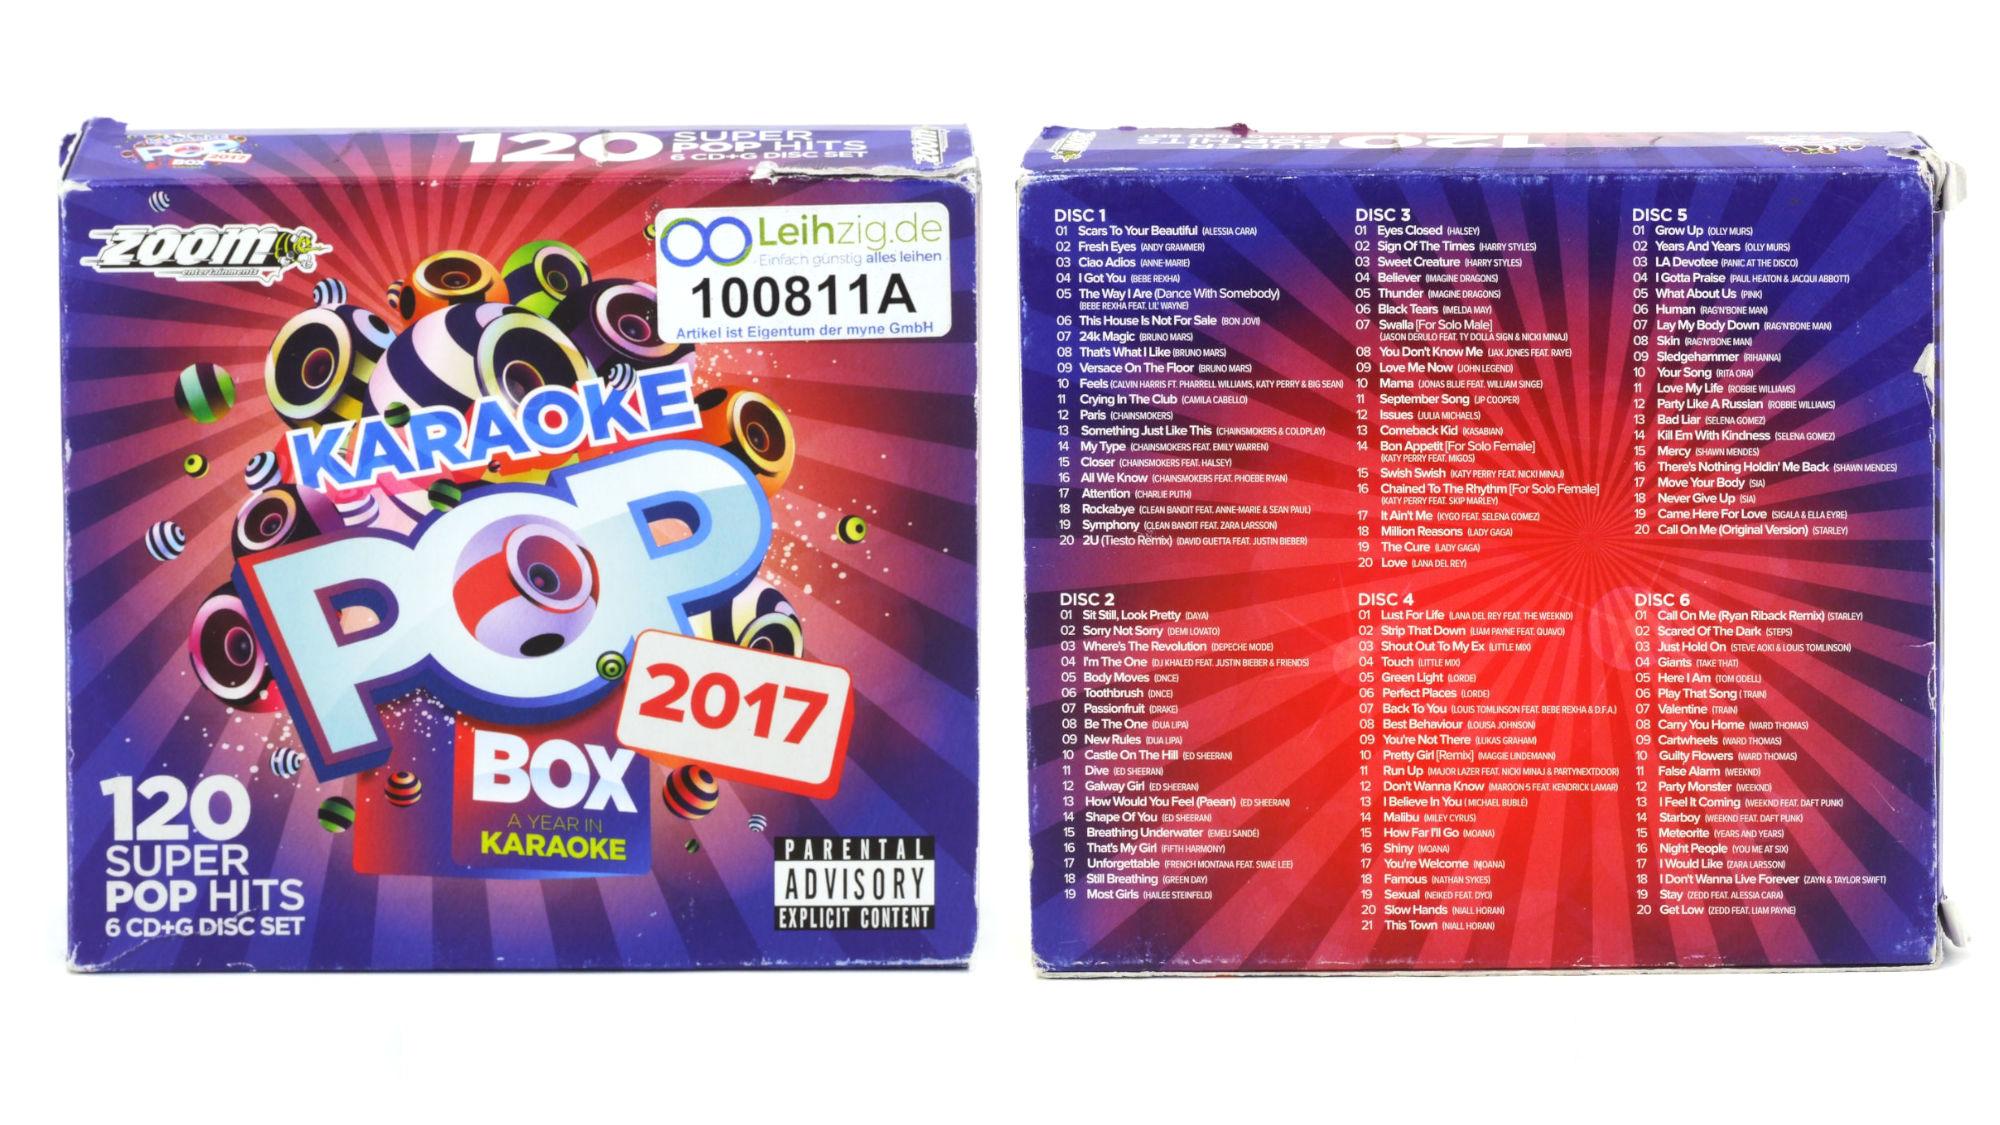 Karaoke CDs Pop Box 2017 leihen